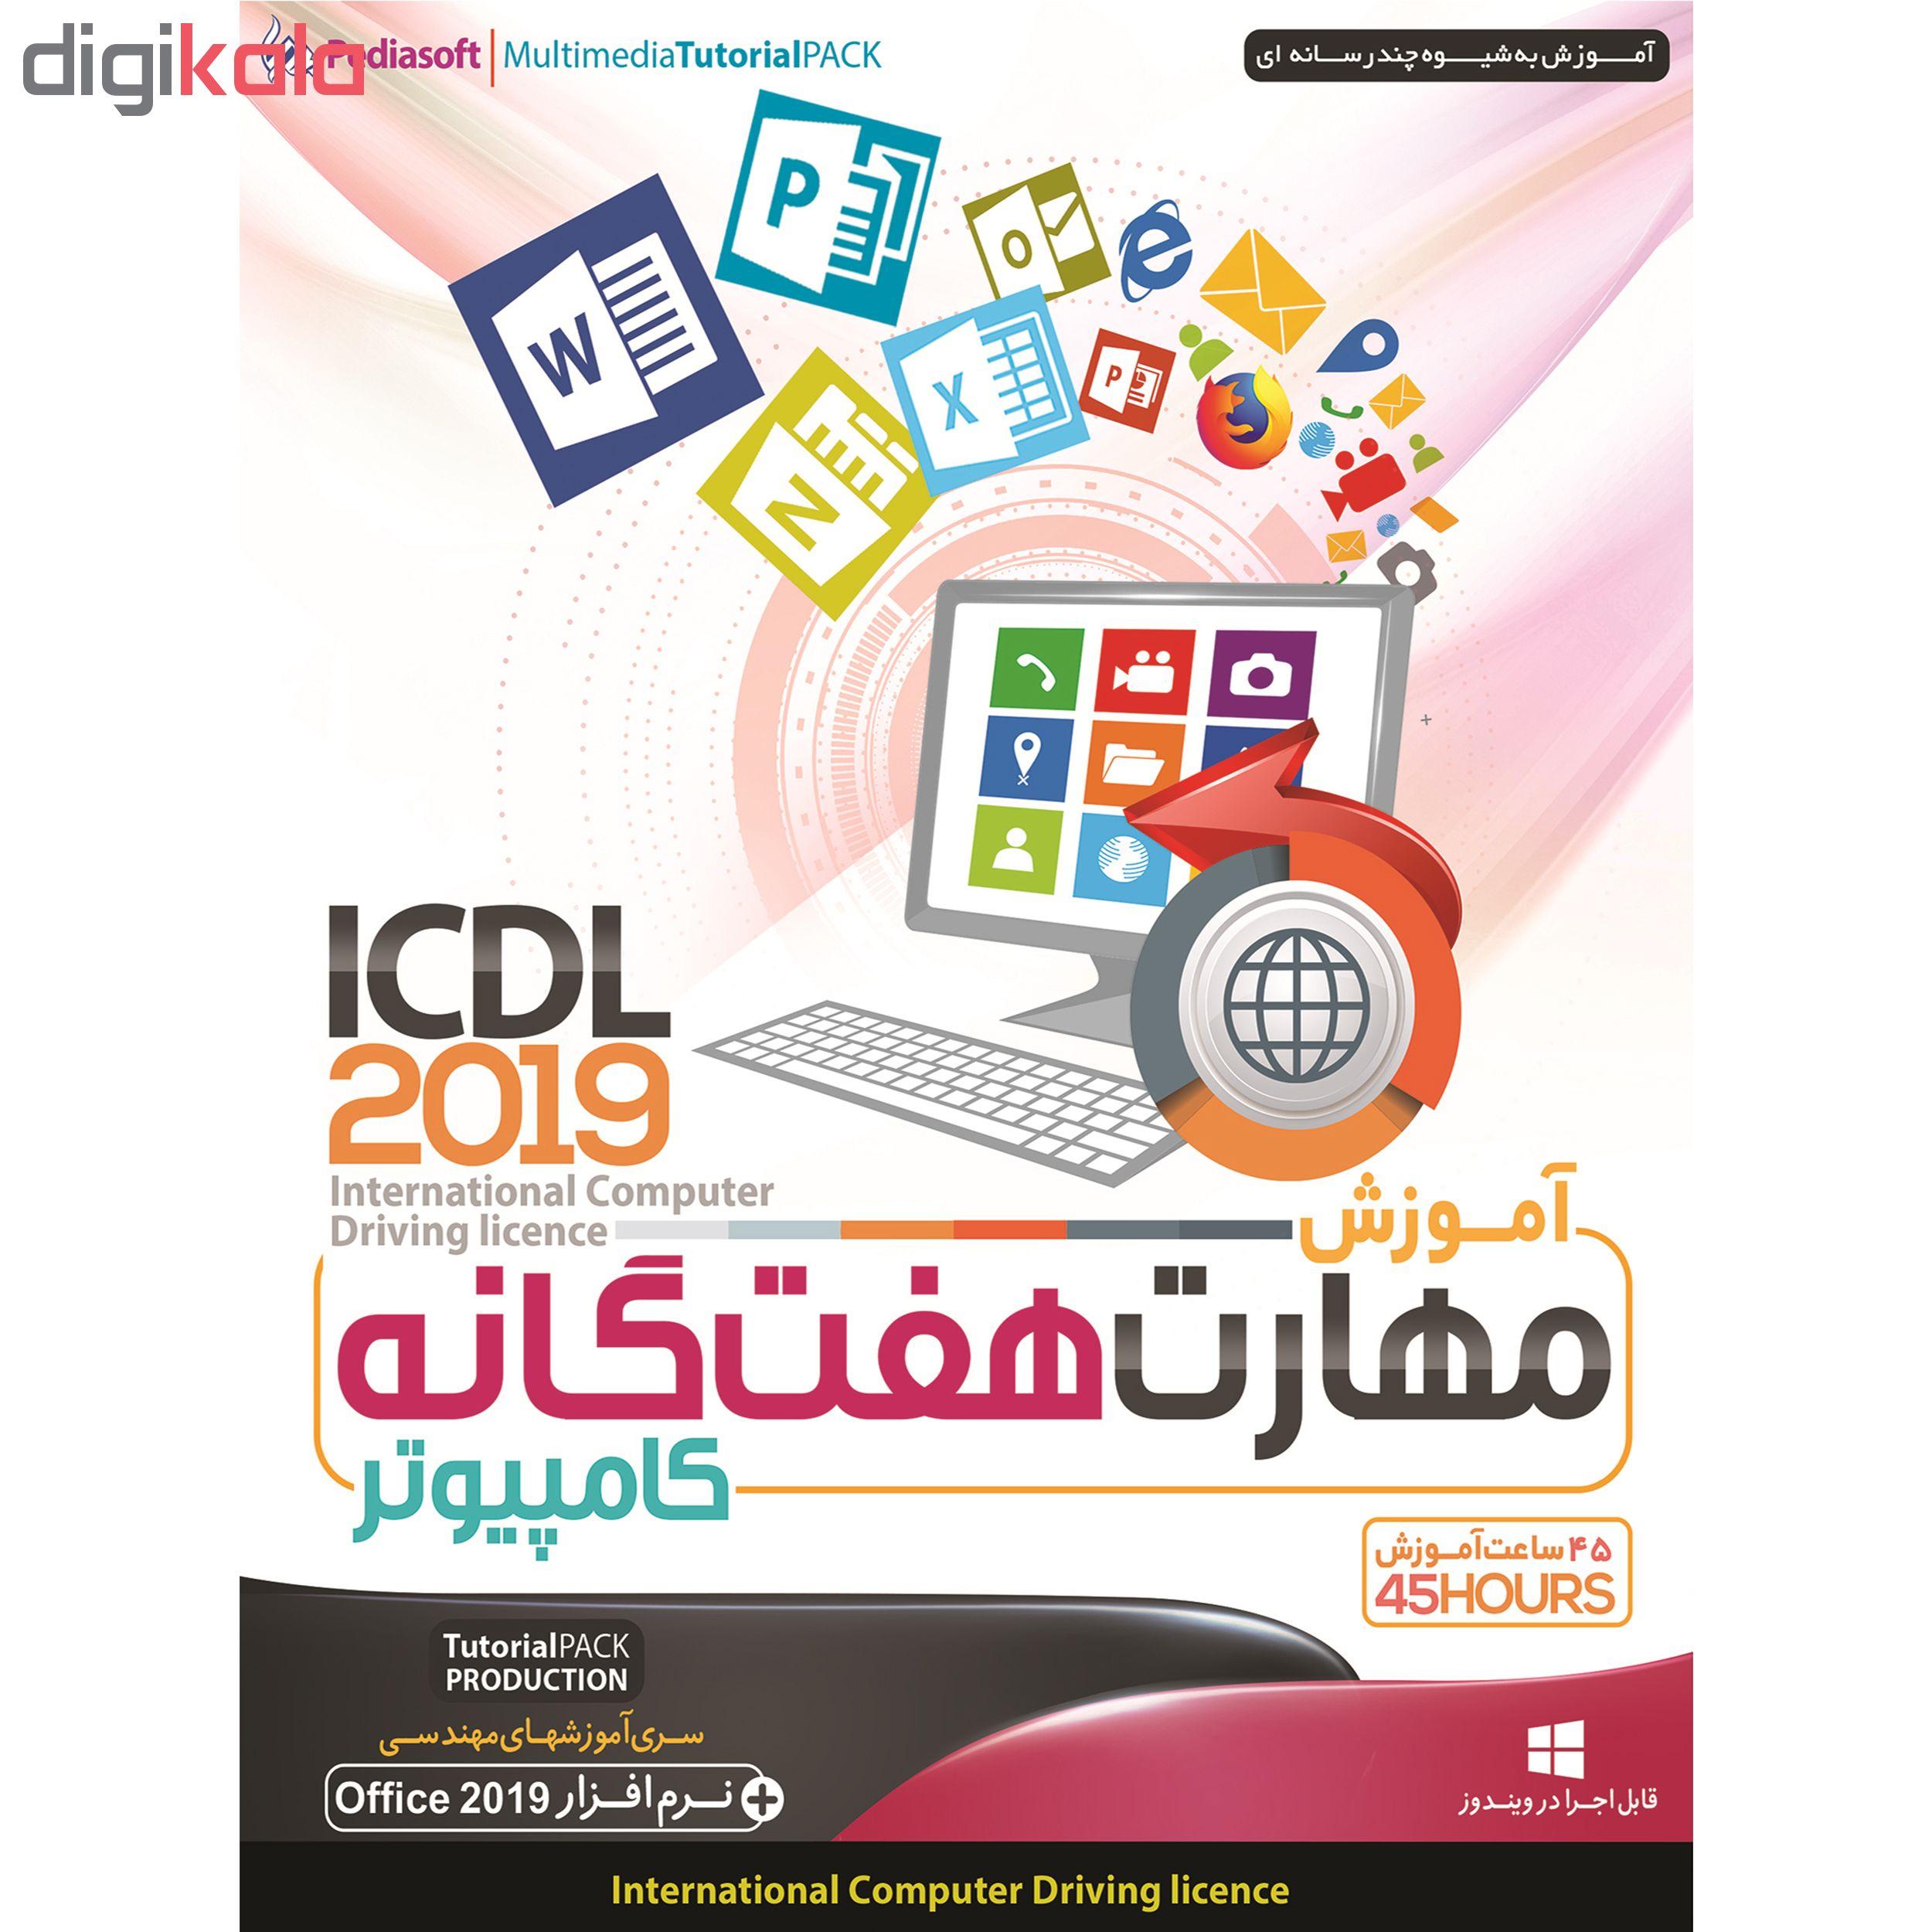 نرم افزار آموزش مهارت هفتگانه کامپیوتر ICDL 2019 نشر پدیا سافت به همراه نرم افزار آموزش پیشرفته برنامه نویسی اندروید نشر الکترونیک پانا